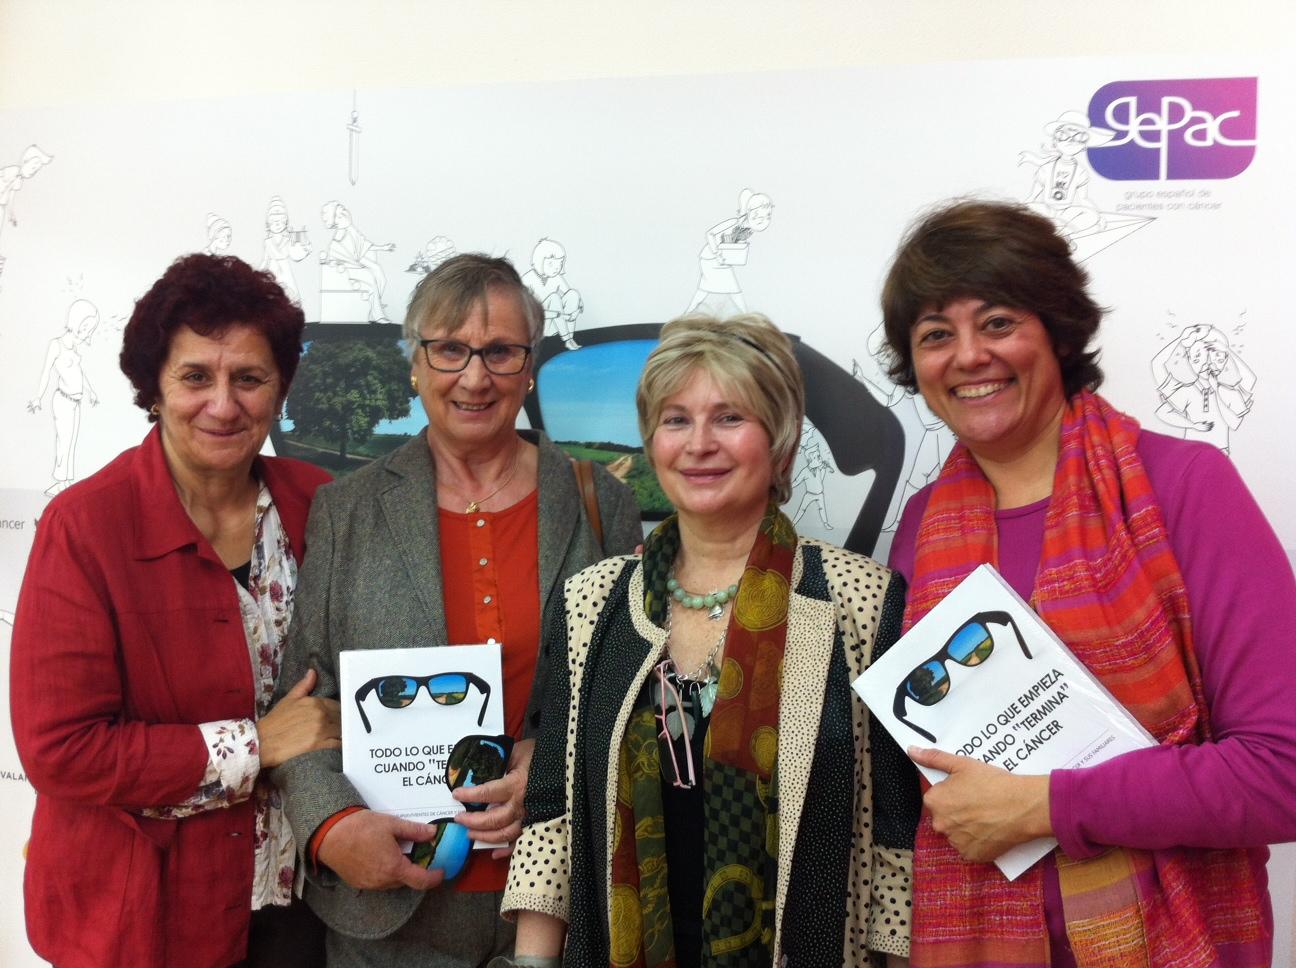 Gepac Presentacion Libro todo lo que empieza cuando termina el cancer ovario ASACO 2013